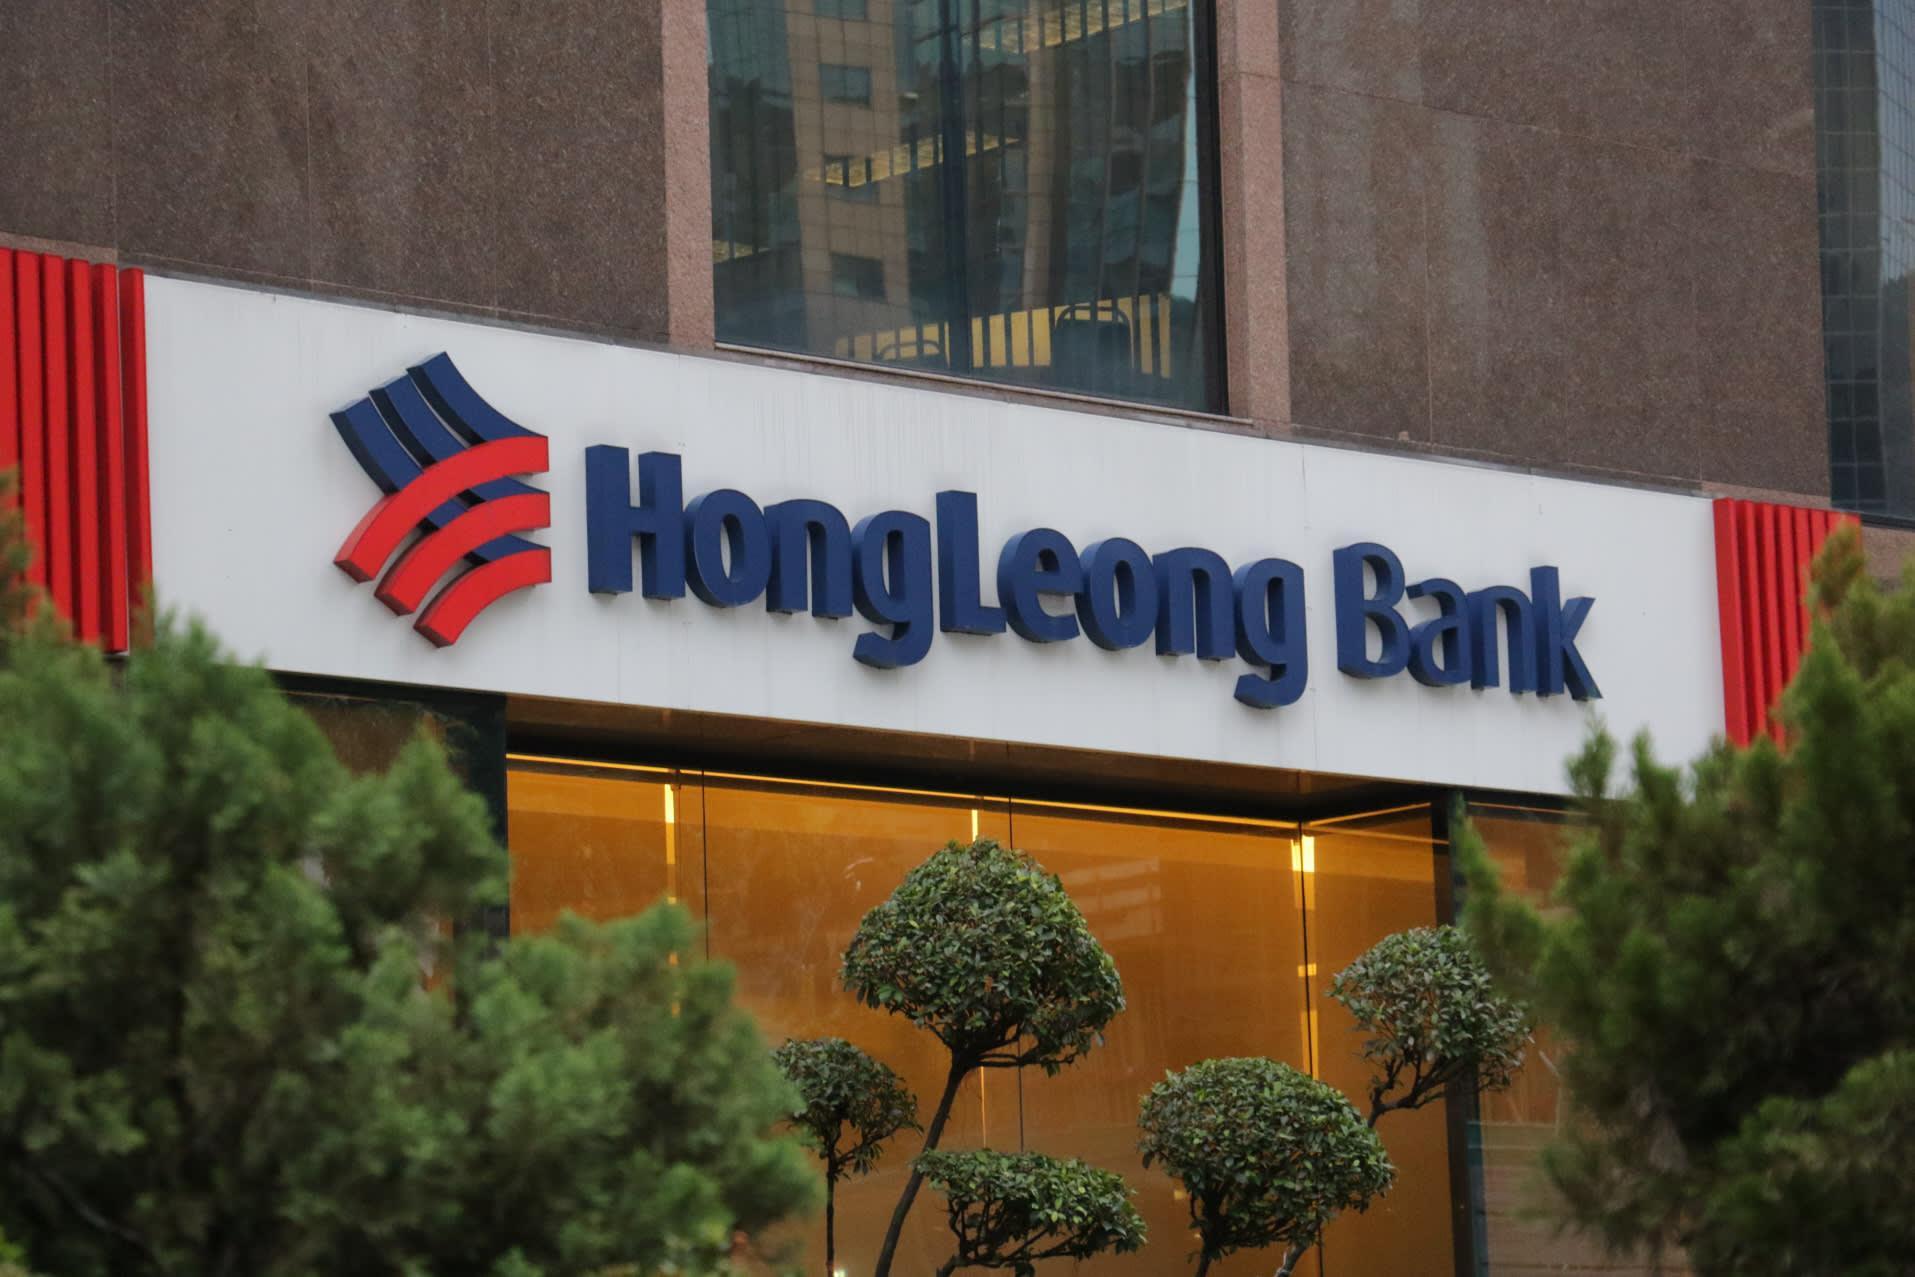 ngân hàng hong leong bank